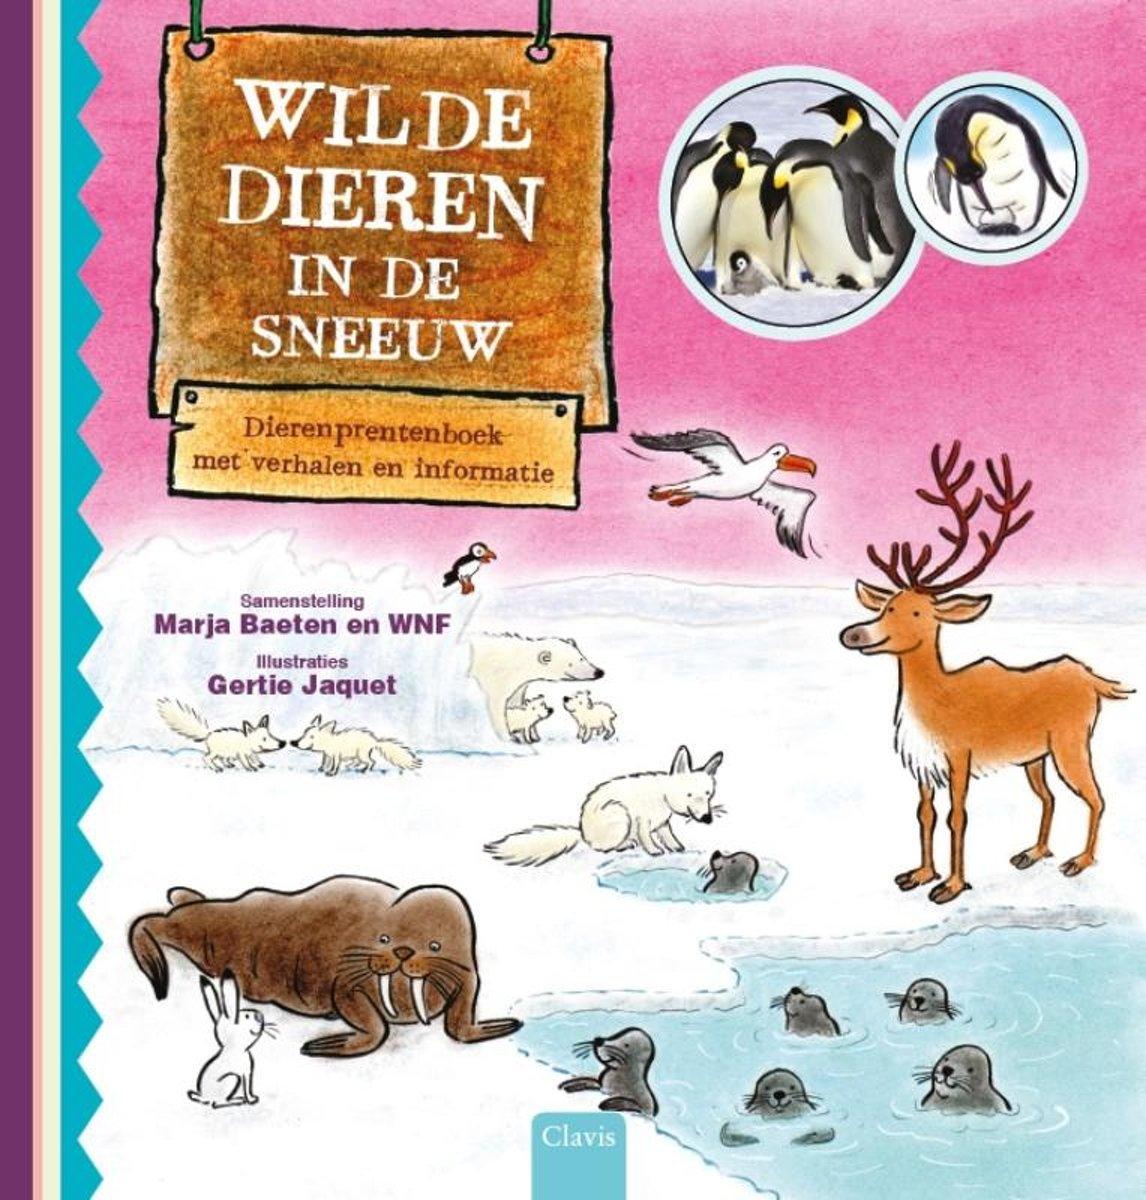 Boekentip: Wilde dieren in de sneeuw